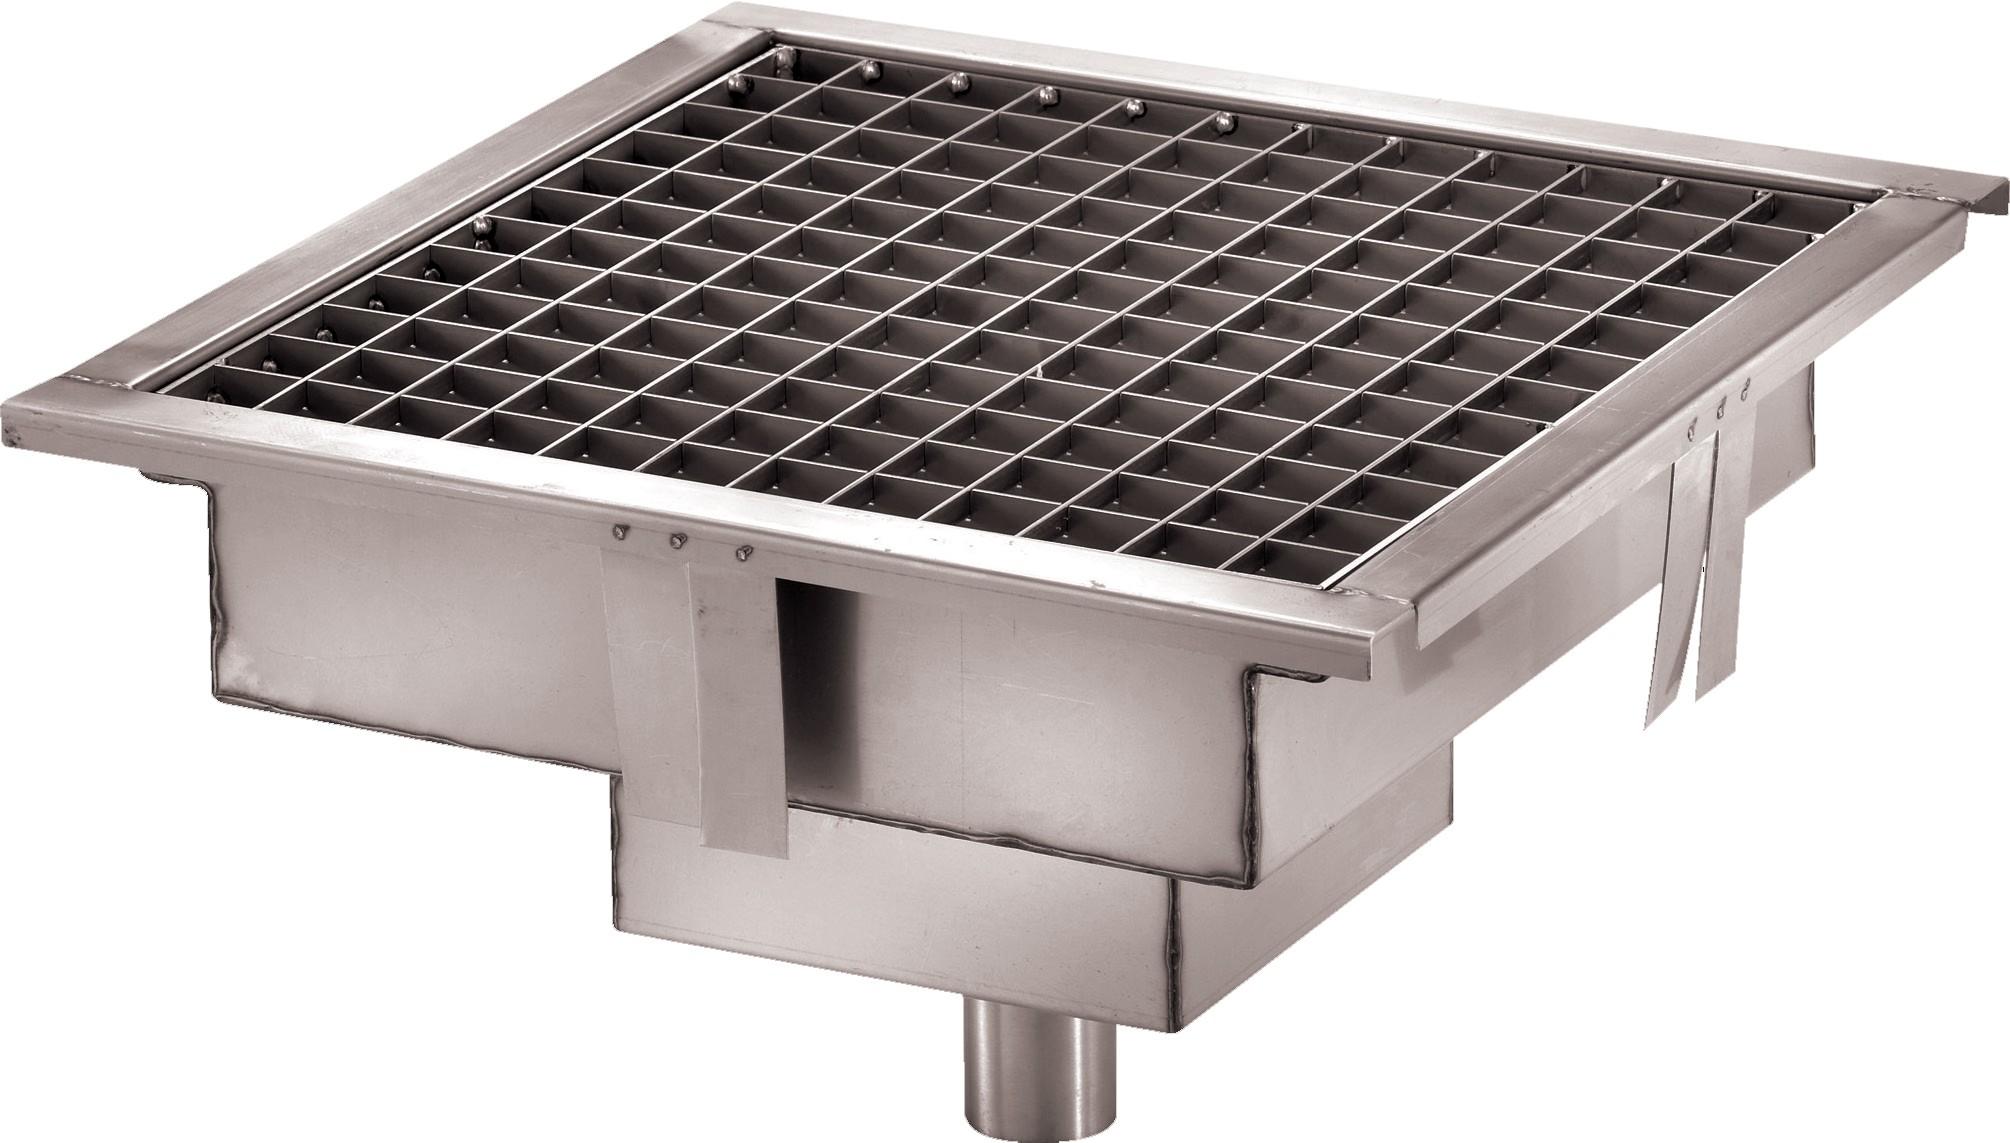 caniveau de sol cuisine professionnelle sortie verticale l 1000 x p 400 x h 15 mm stl sarl. Black Bedroom Furniture Sets. Home Design Ideas